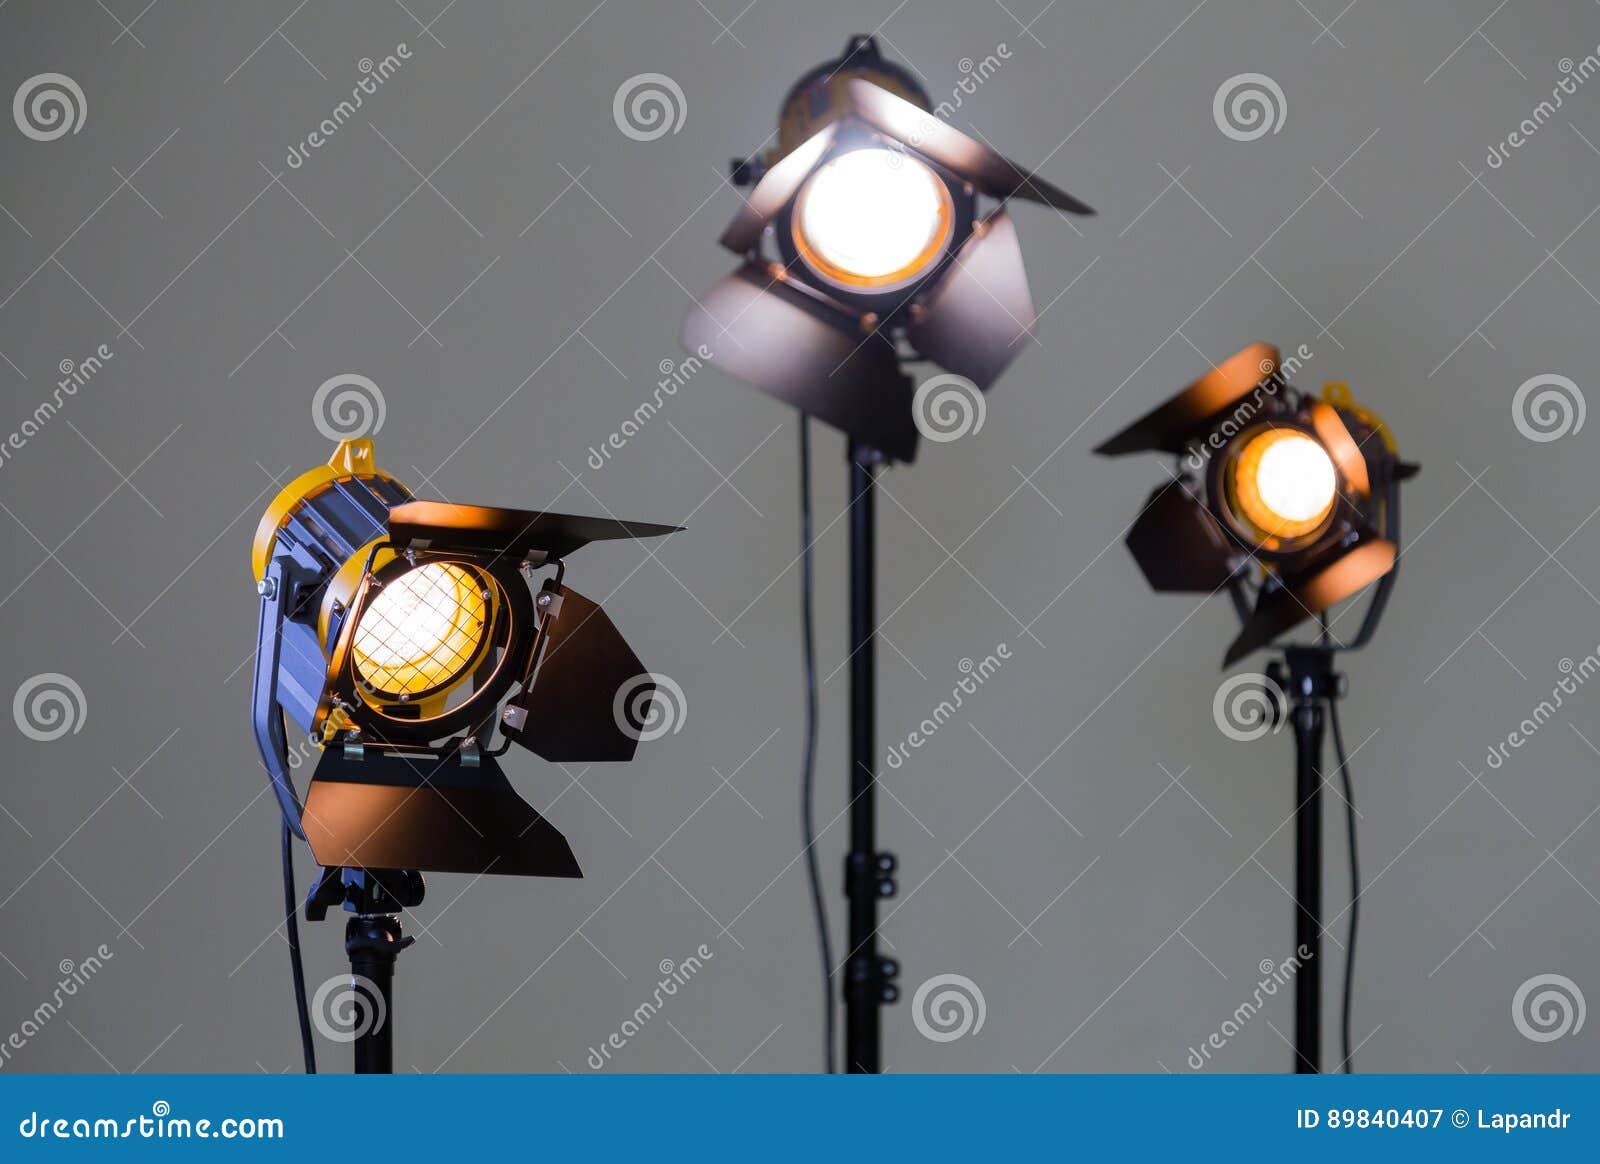 Três projetores do halogênio com lentes de Fresnel em um fundo cinzento Fotografia e filmar no interior